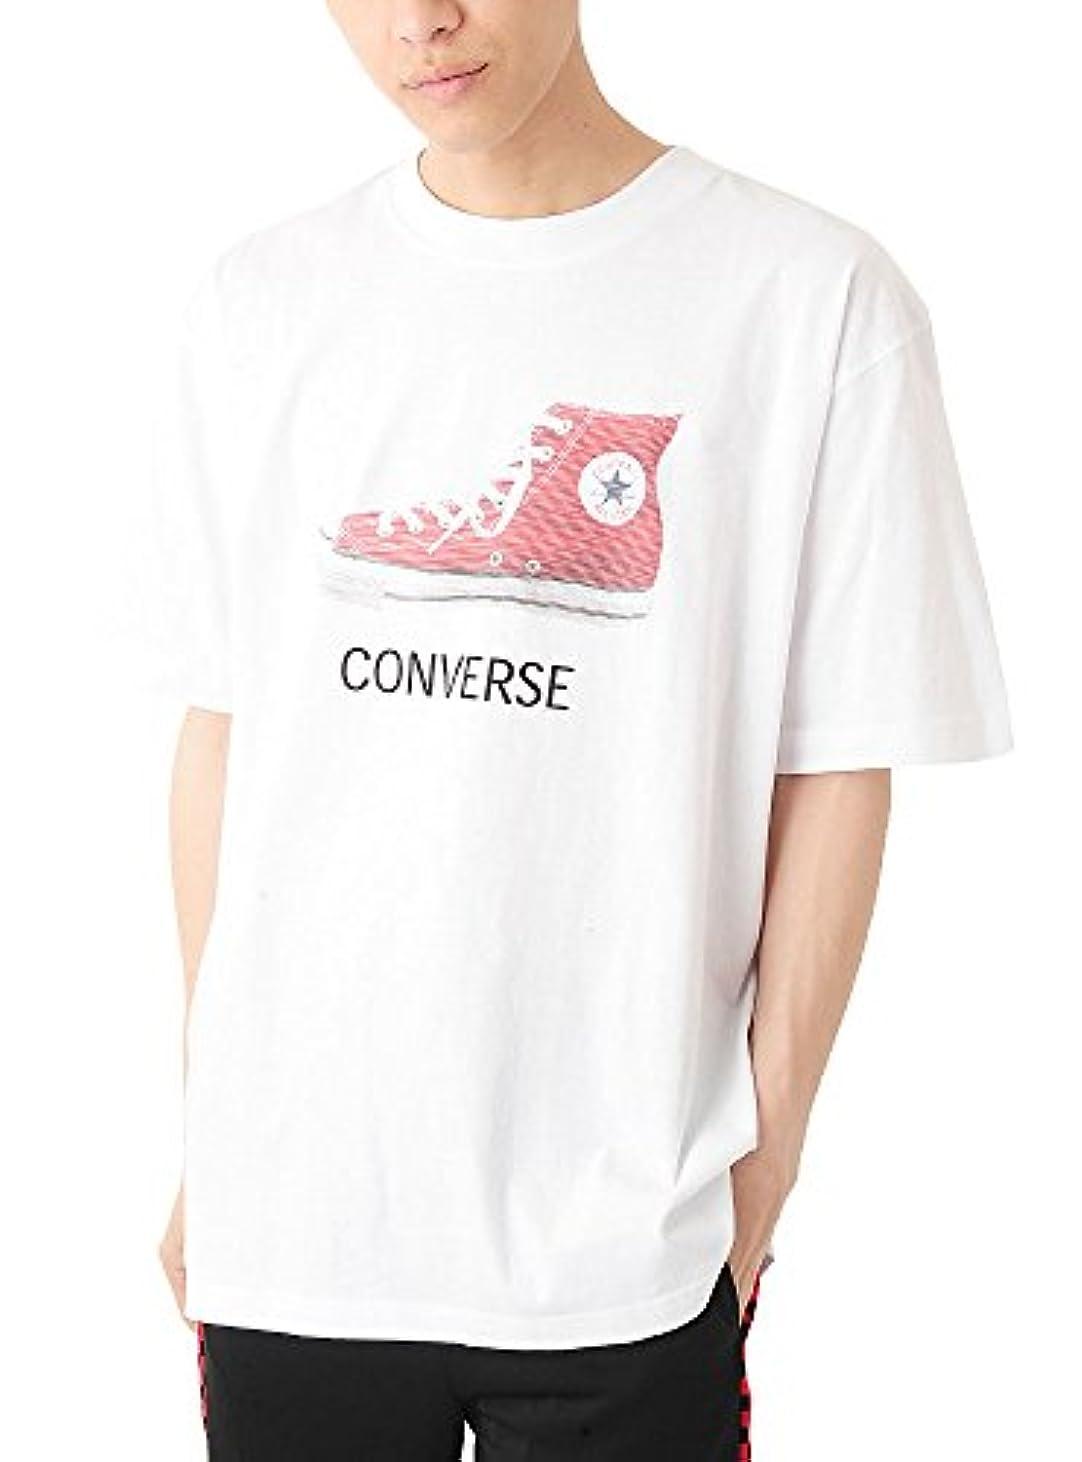 口述証人動的(ベストマート) BestMart 2L~5L展開 CONVERSE 大きいサイズ コンバース ロゴ プリント ビッグ 半袖 シューズ Tシャツ 623984